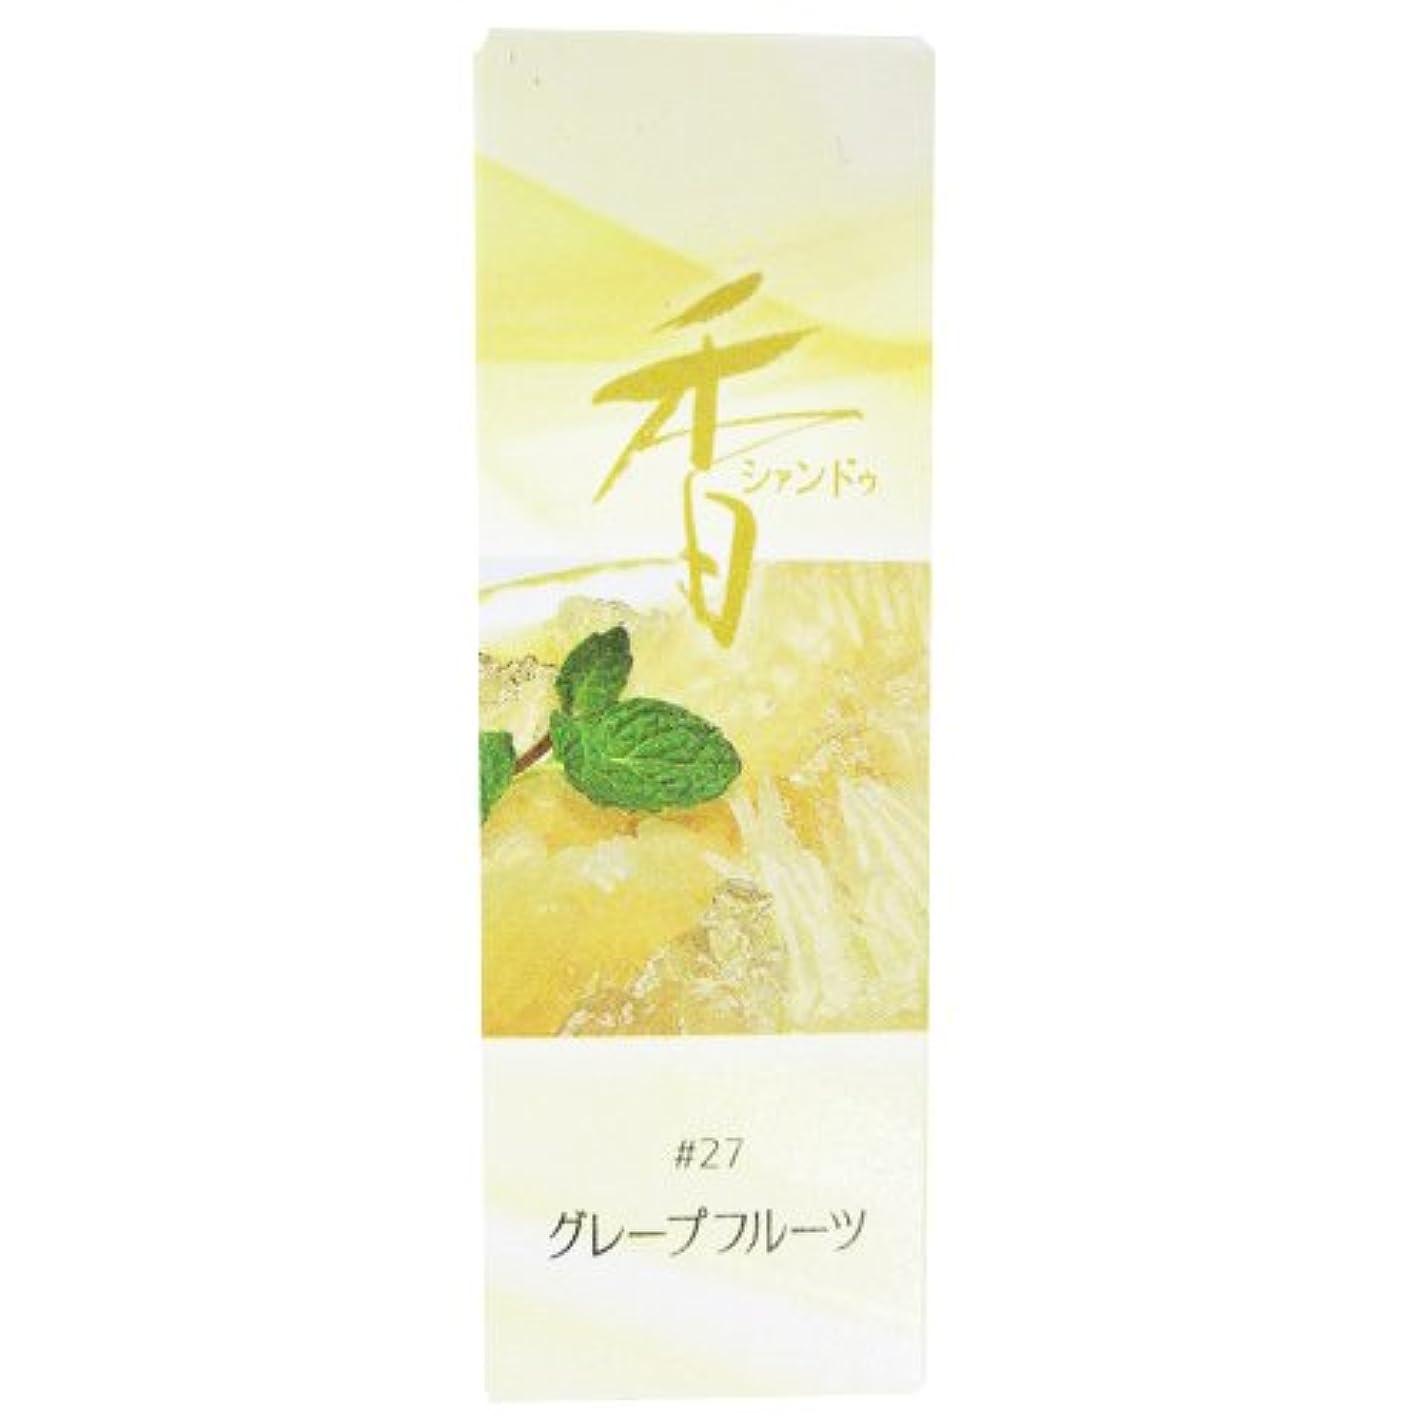 健康的ガード一次松栄堂のお香 Xiang Do(シャンドゥ) グレープフルーツ ST20本入 簡易香立付 #214227